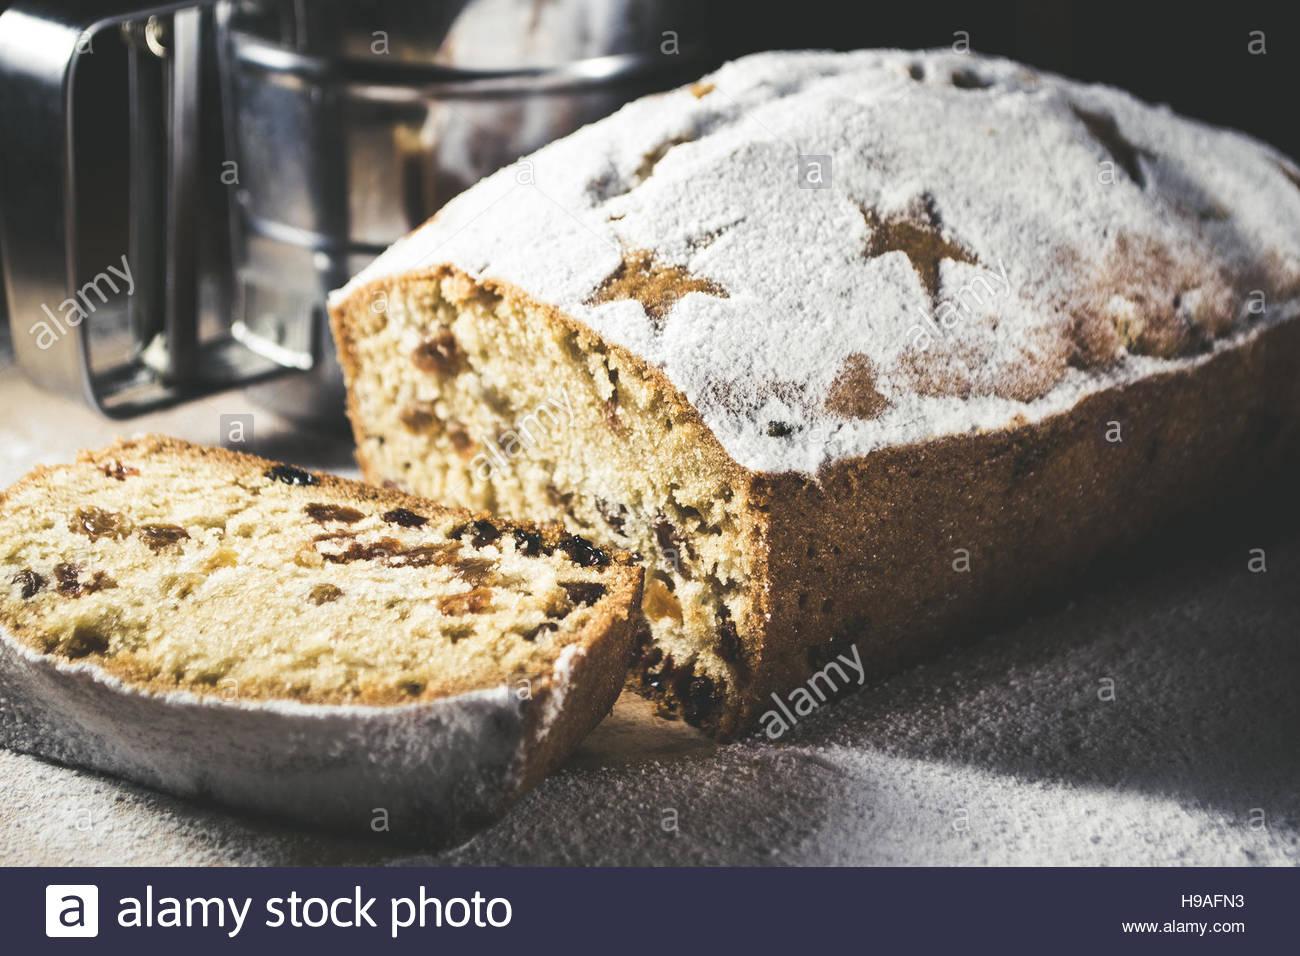 La torta con lo zucchero in polvere sul tavolo Immagini Stock